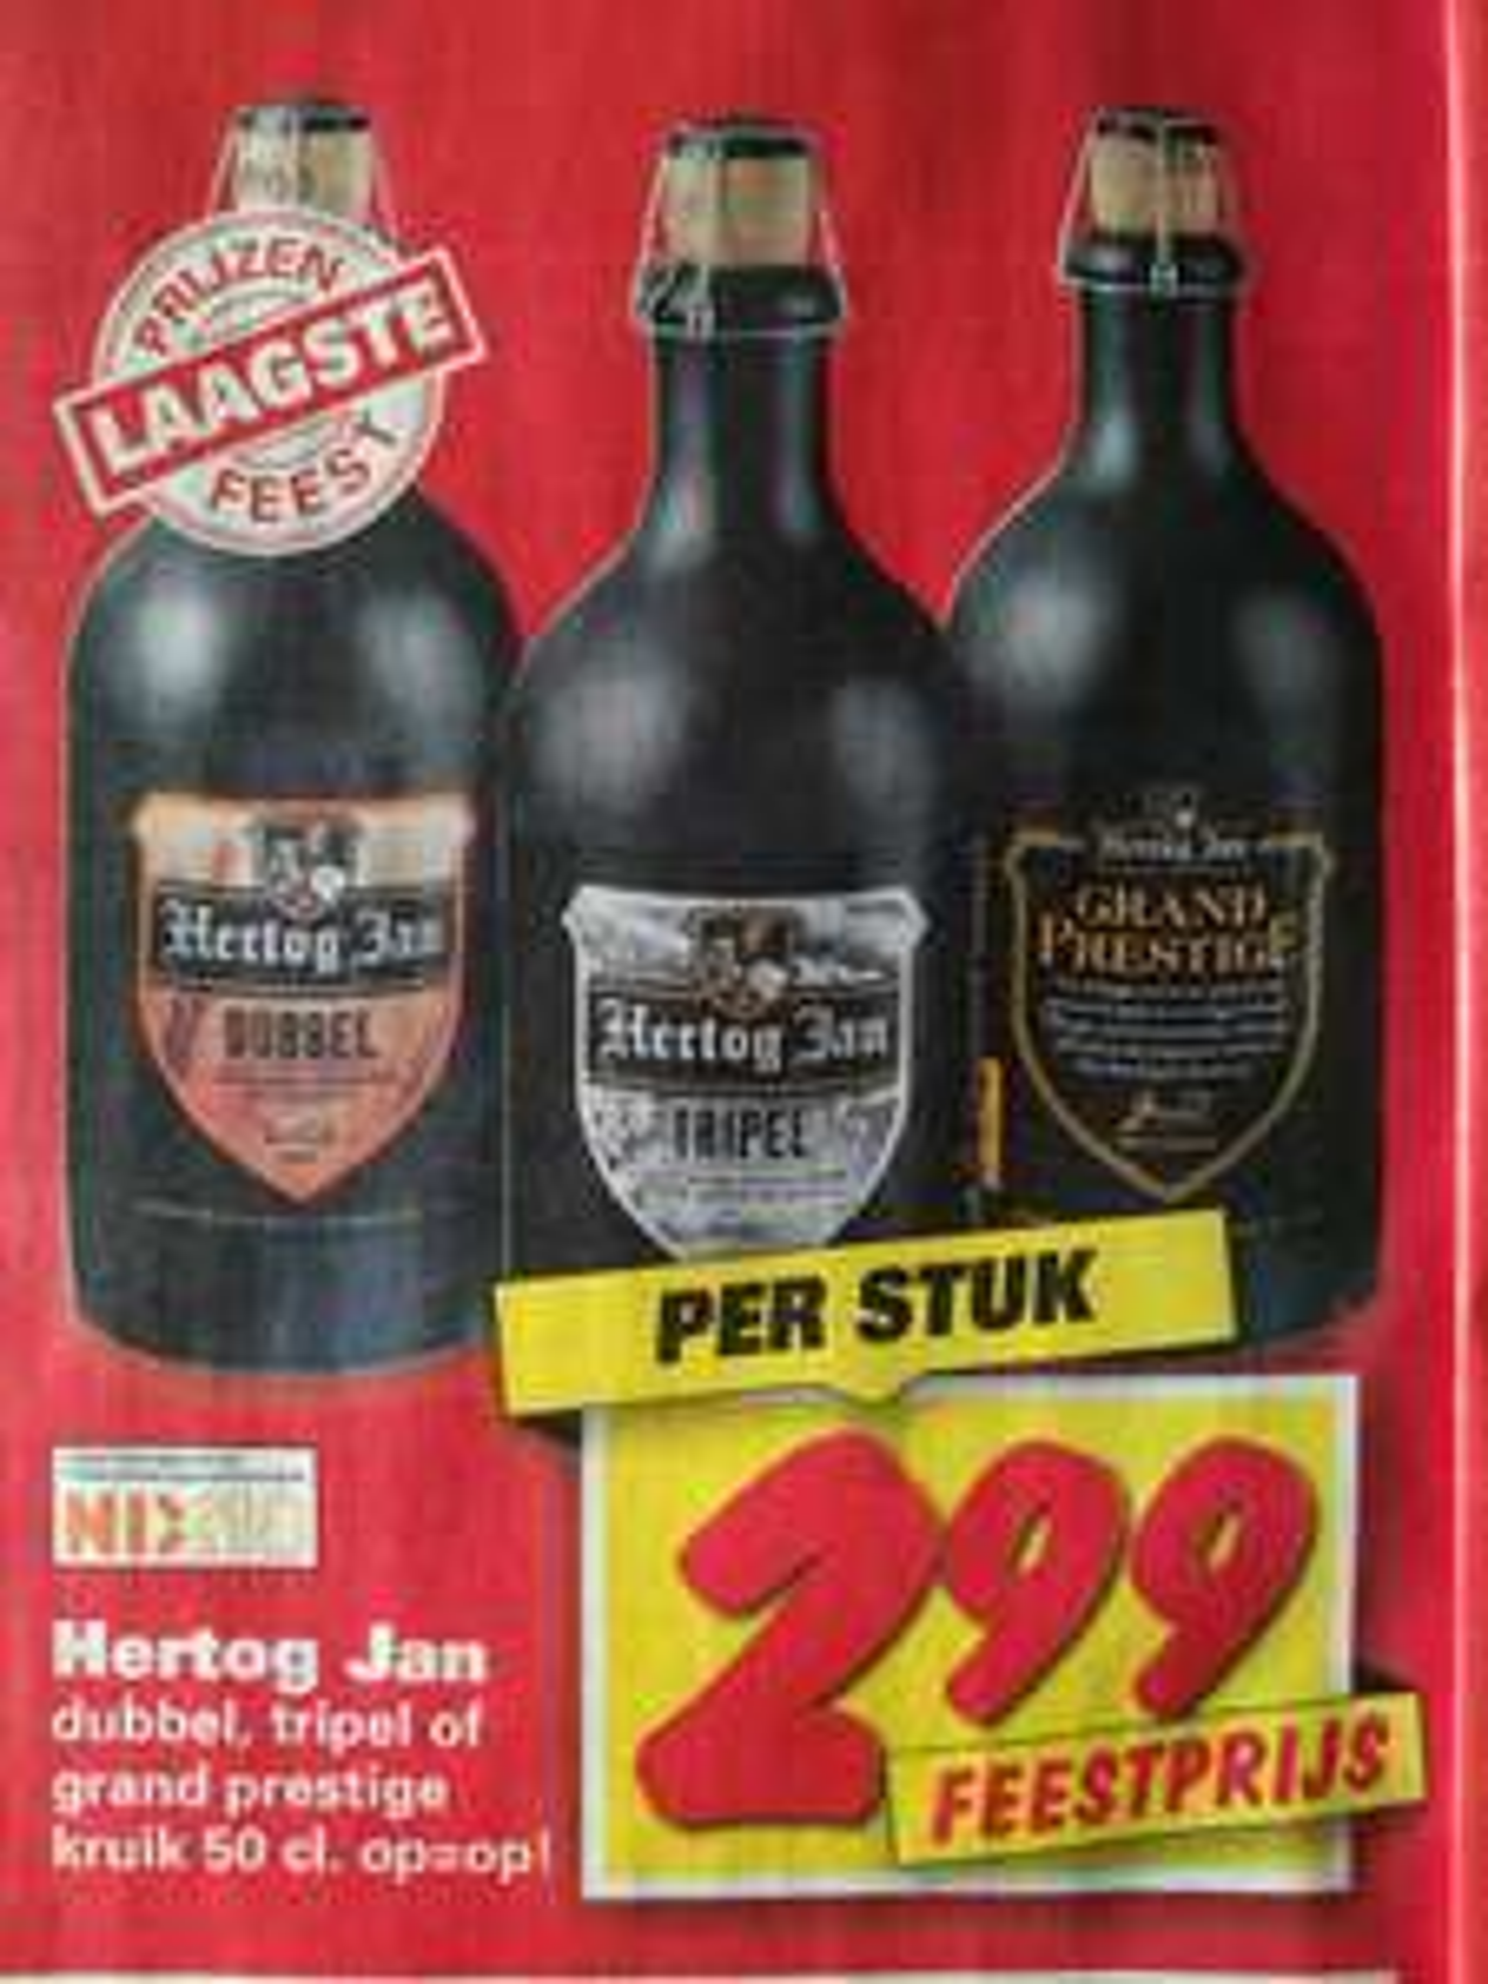 (@Nettorama) Hertog Jan 50cl Kruik (Dubbel, Tripel of Grand Prestige)